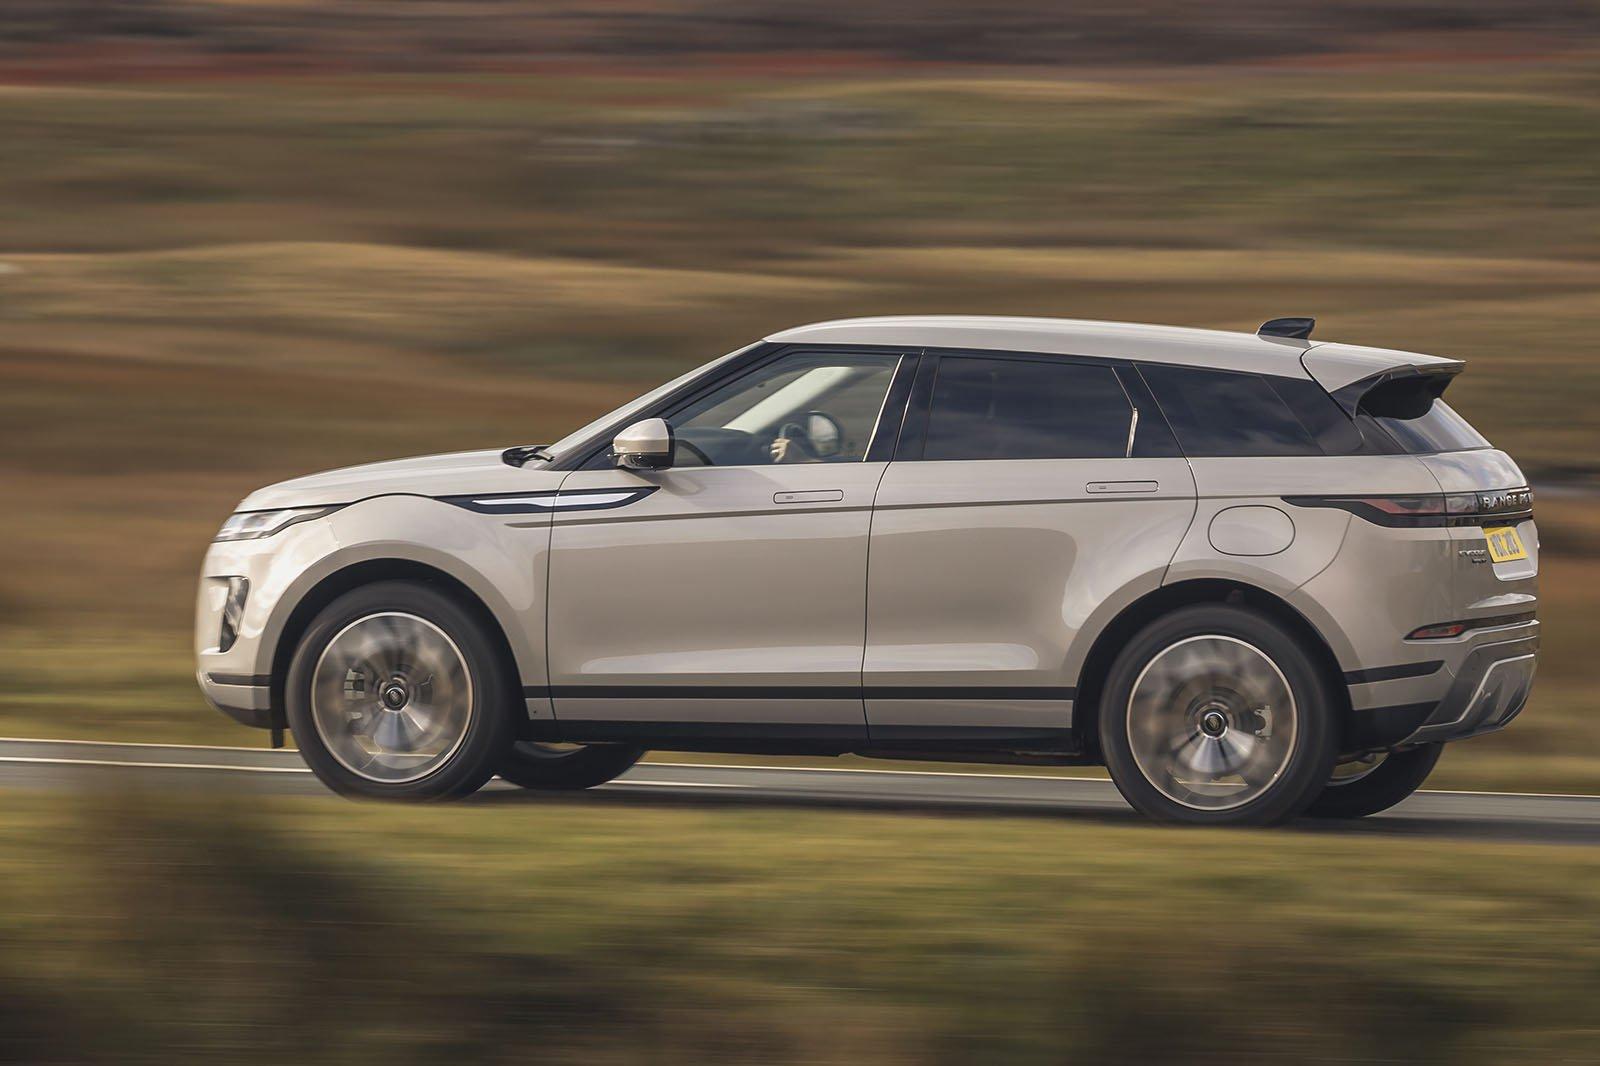 Range Rover Evoque 2021 left panning